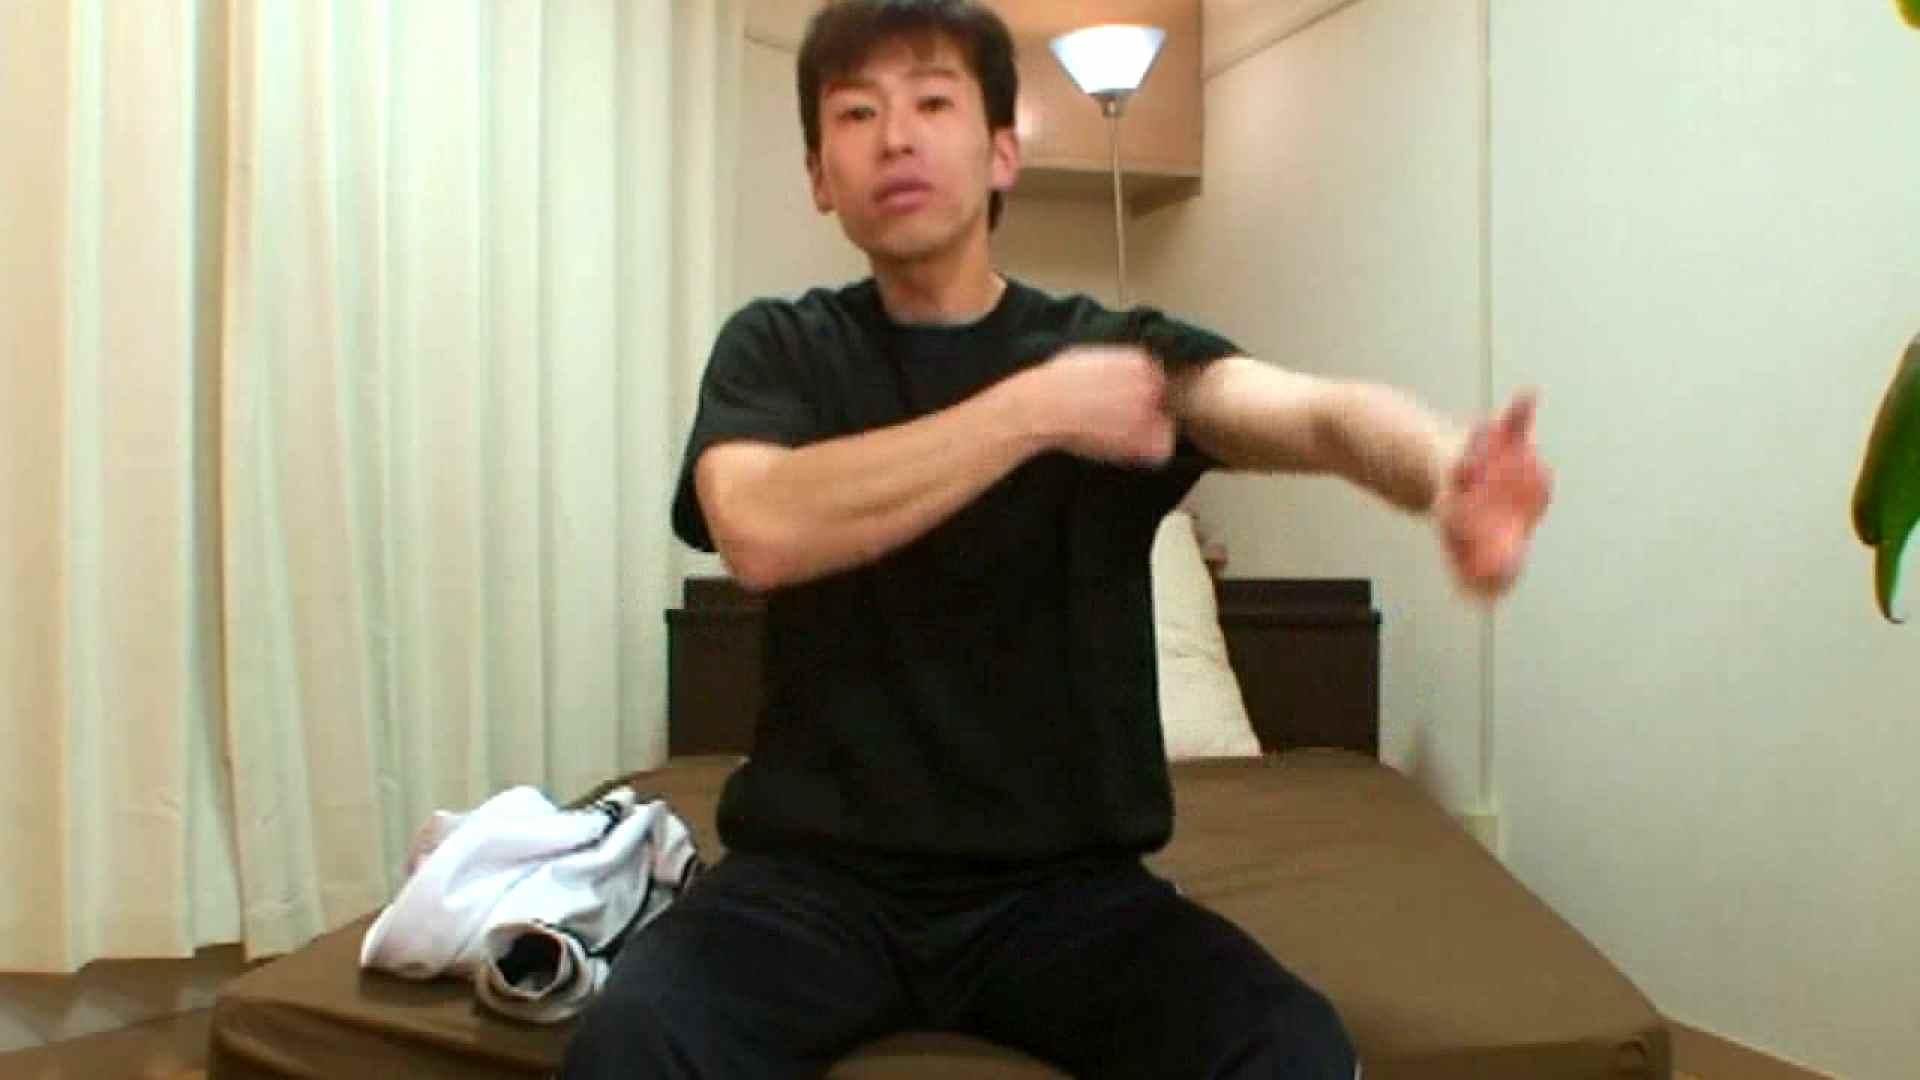 ノンケ!自慰スタジオ No.19 オナニー ゲイ無修正動画画像 72pic 35